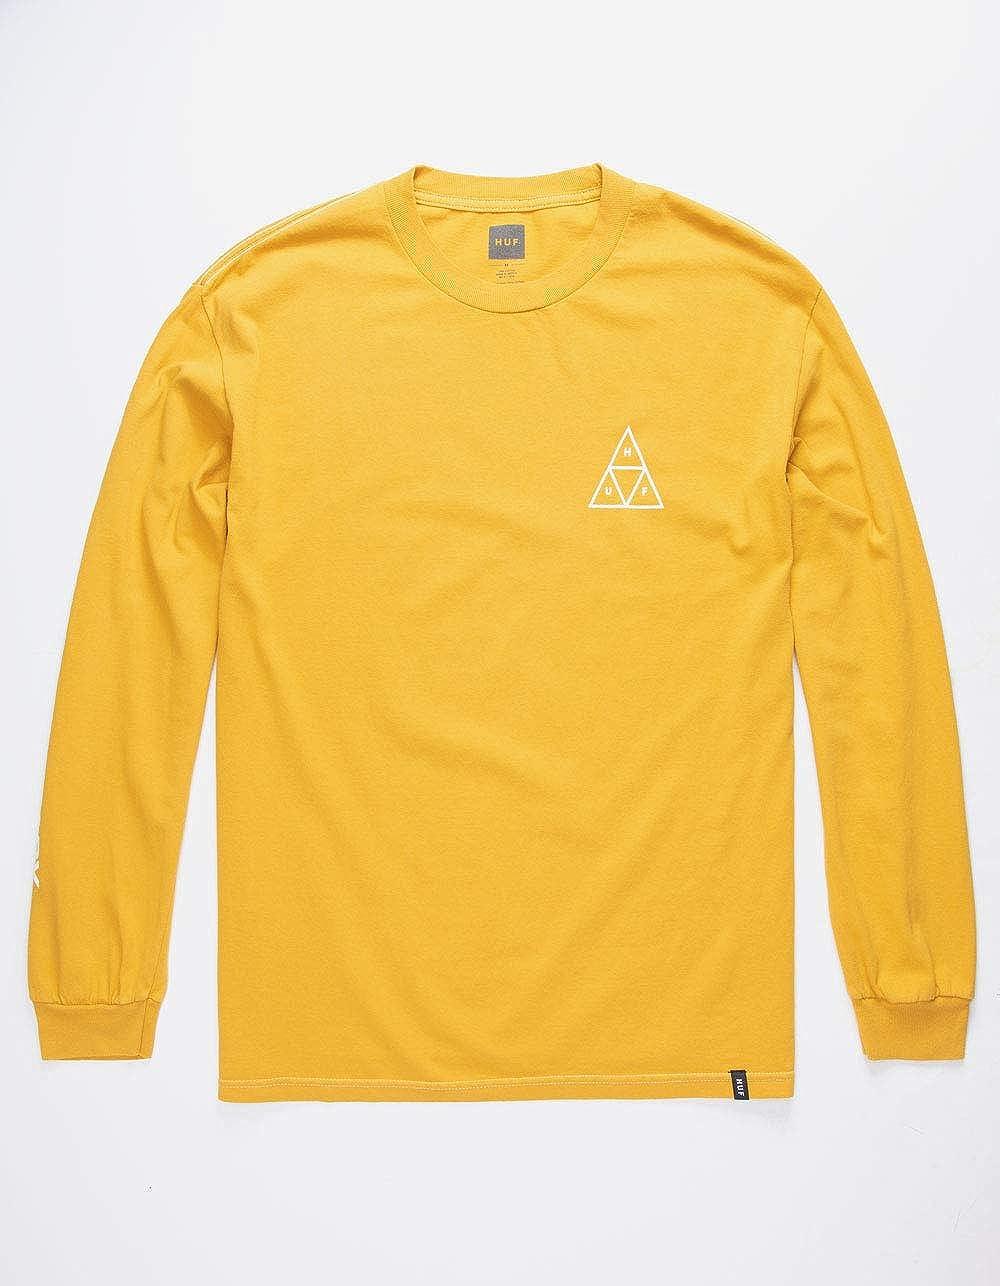 HUF - Camiseta - para Hombre: Amazon.es: Ropa y accesorios